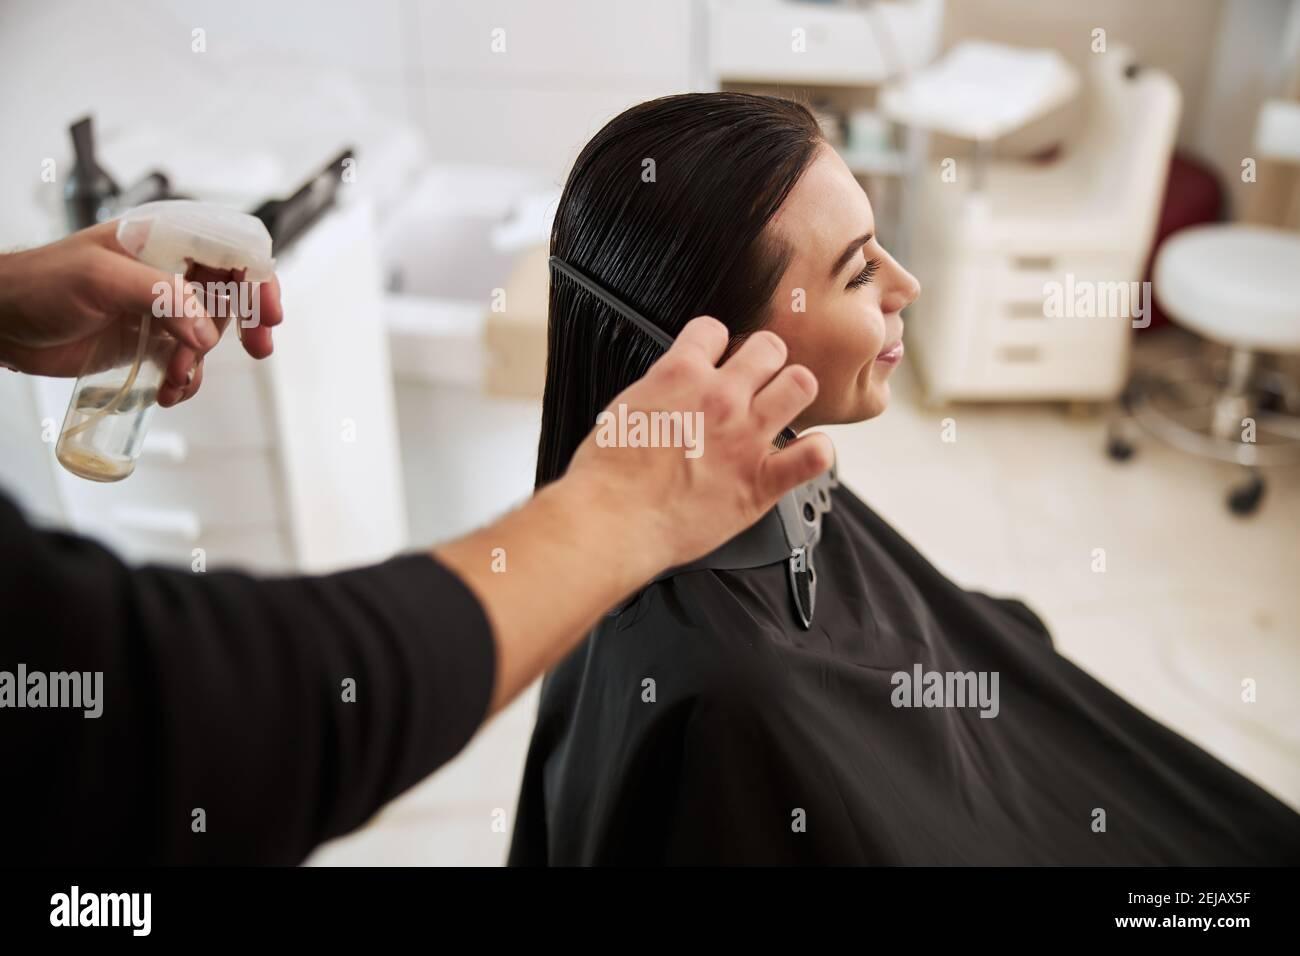 Coiffeur professionnel lissant les cheveux souriants de la femme Banque D'Images